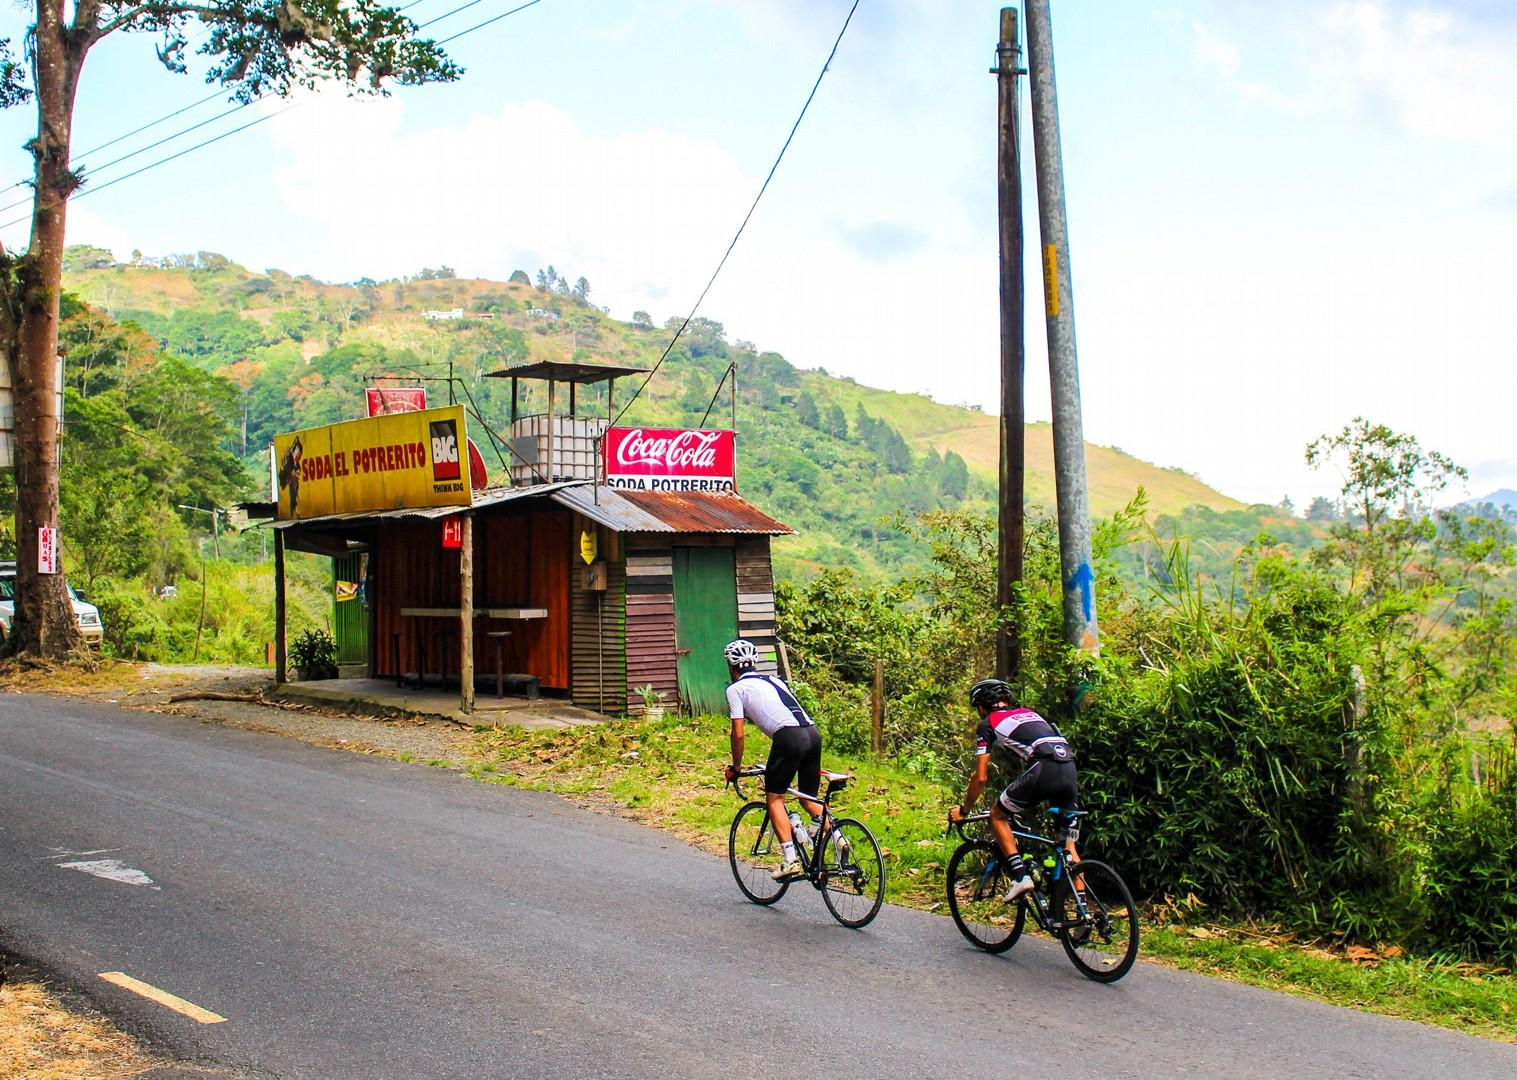 IMG_5704.jpg - Costa Rica - Ruta de los Volcanes - Road Cycling